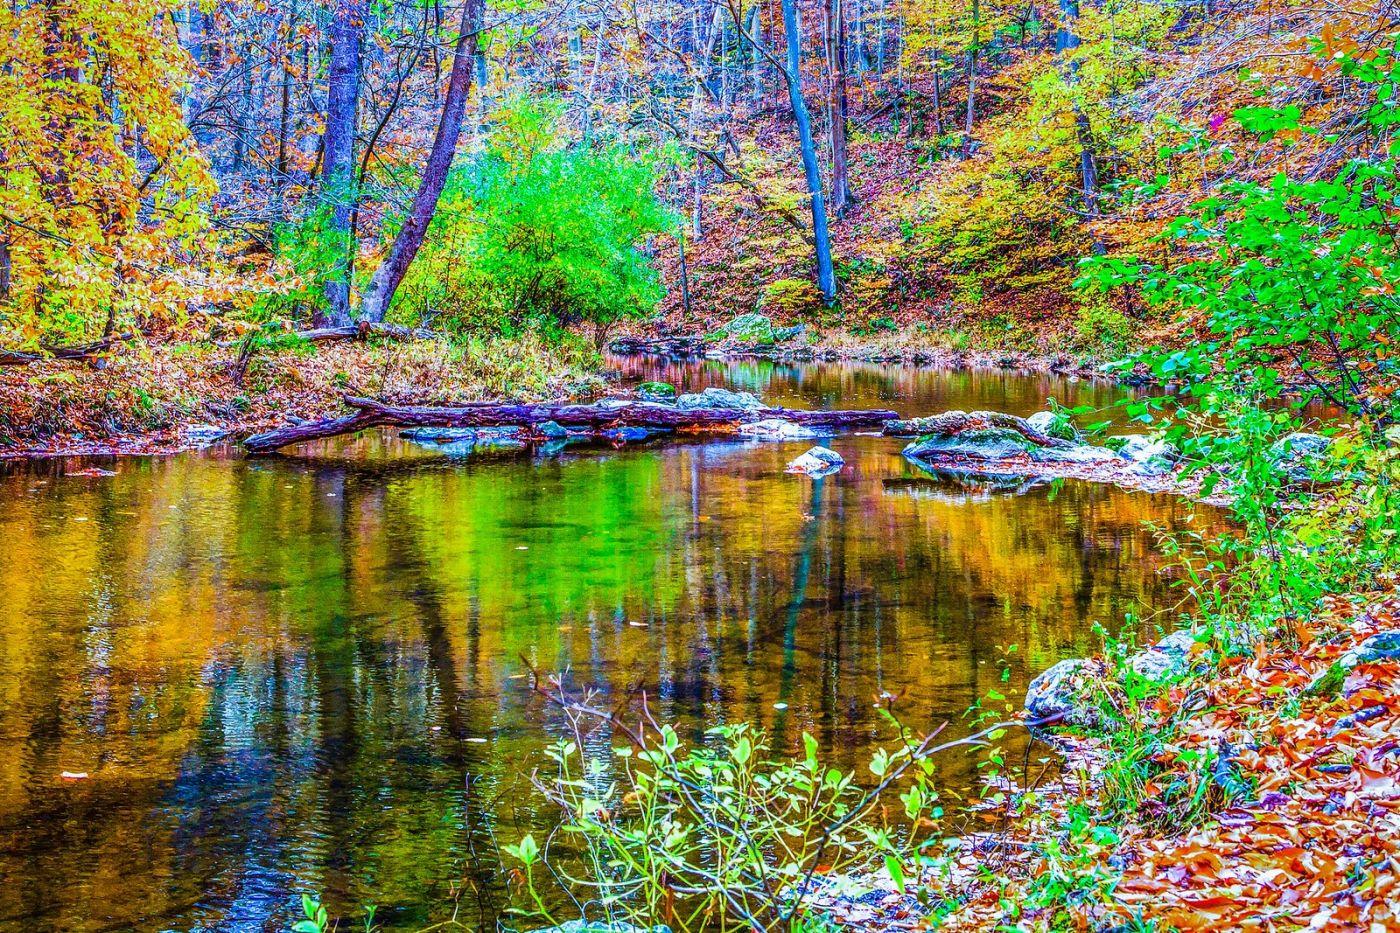 宾州雷德利克里克公园(Ridley creek park),大自然的舞台_图1-12